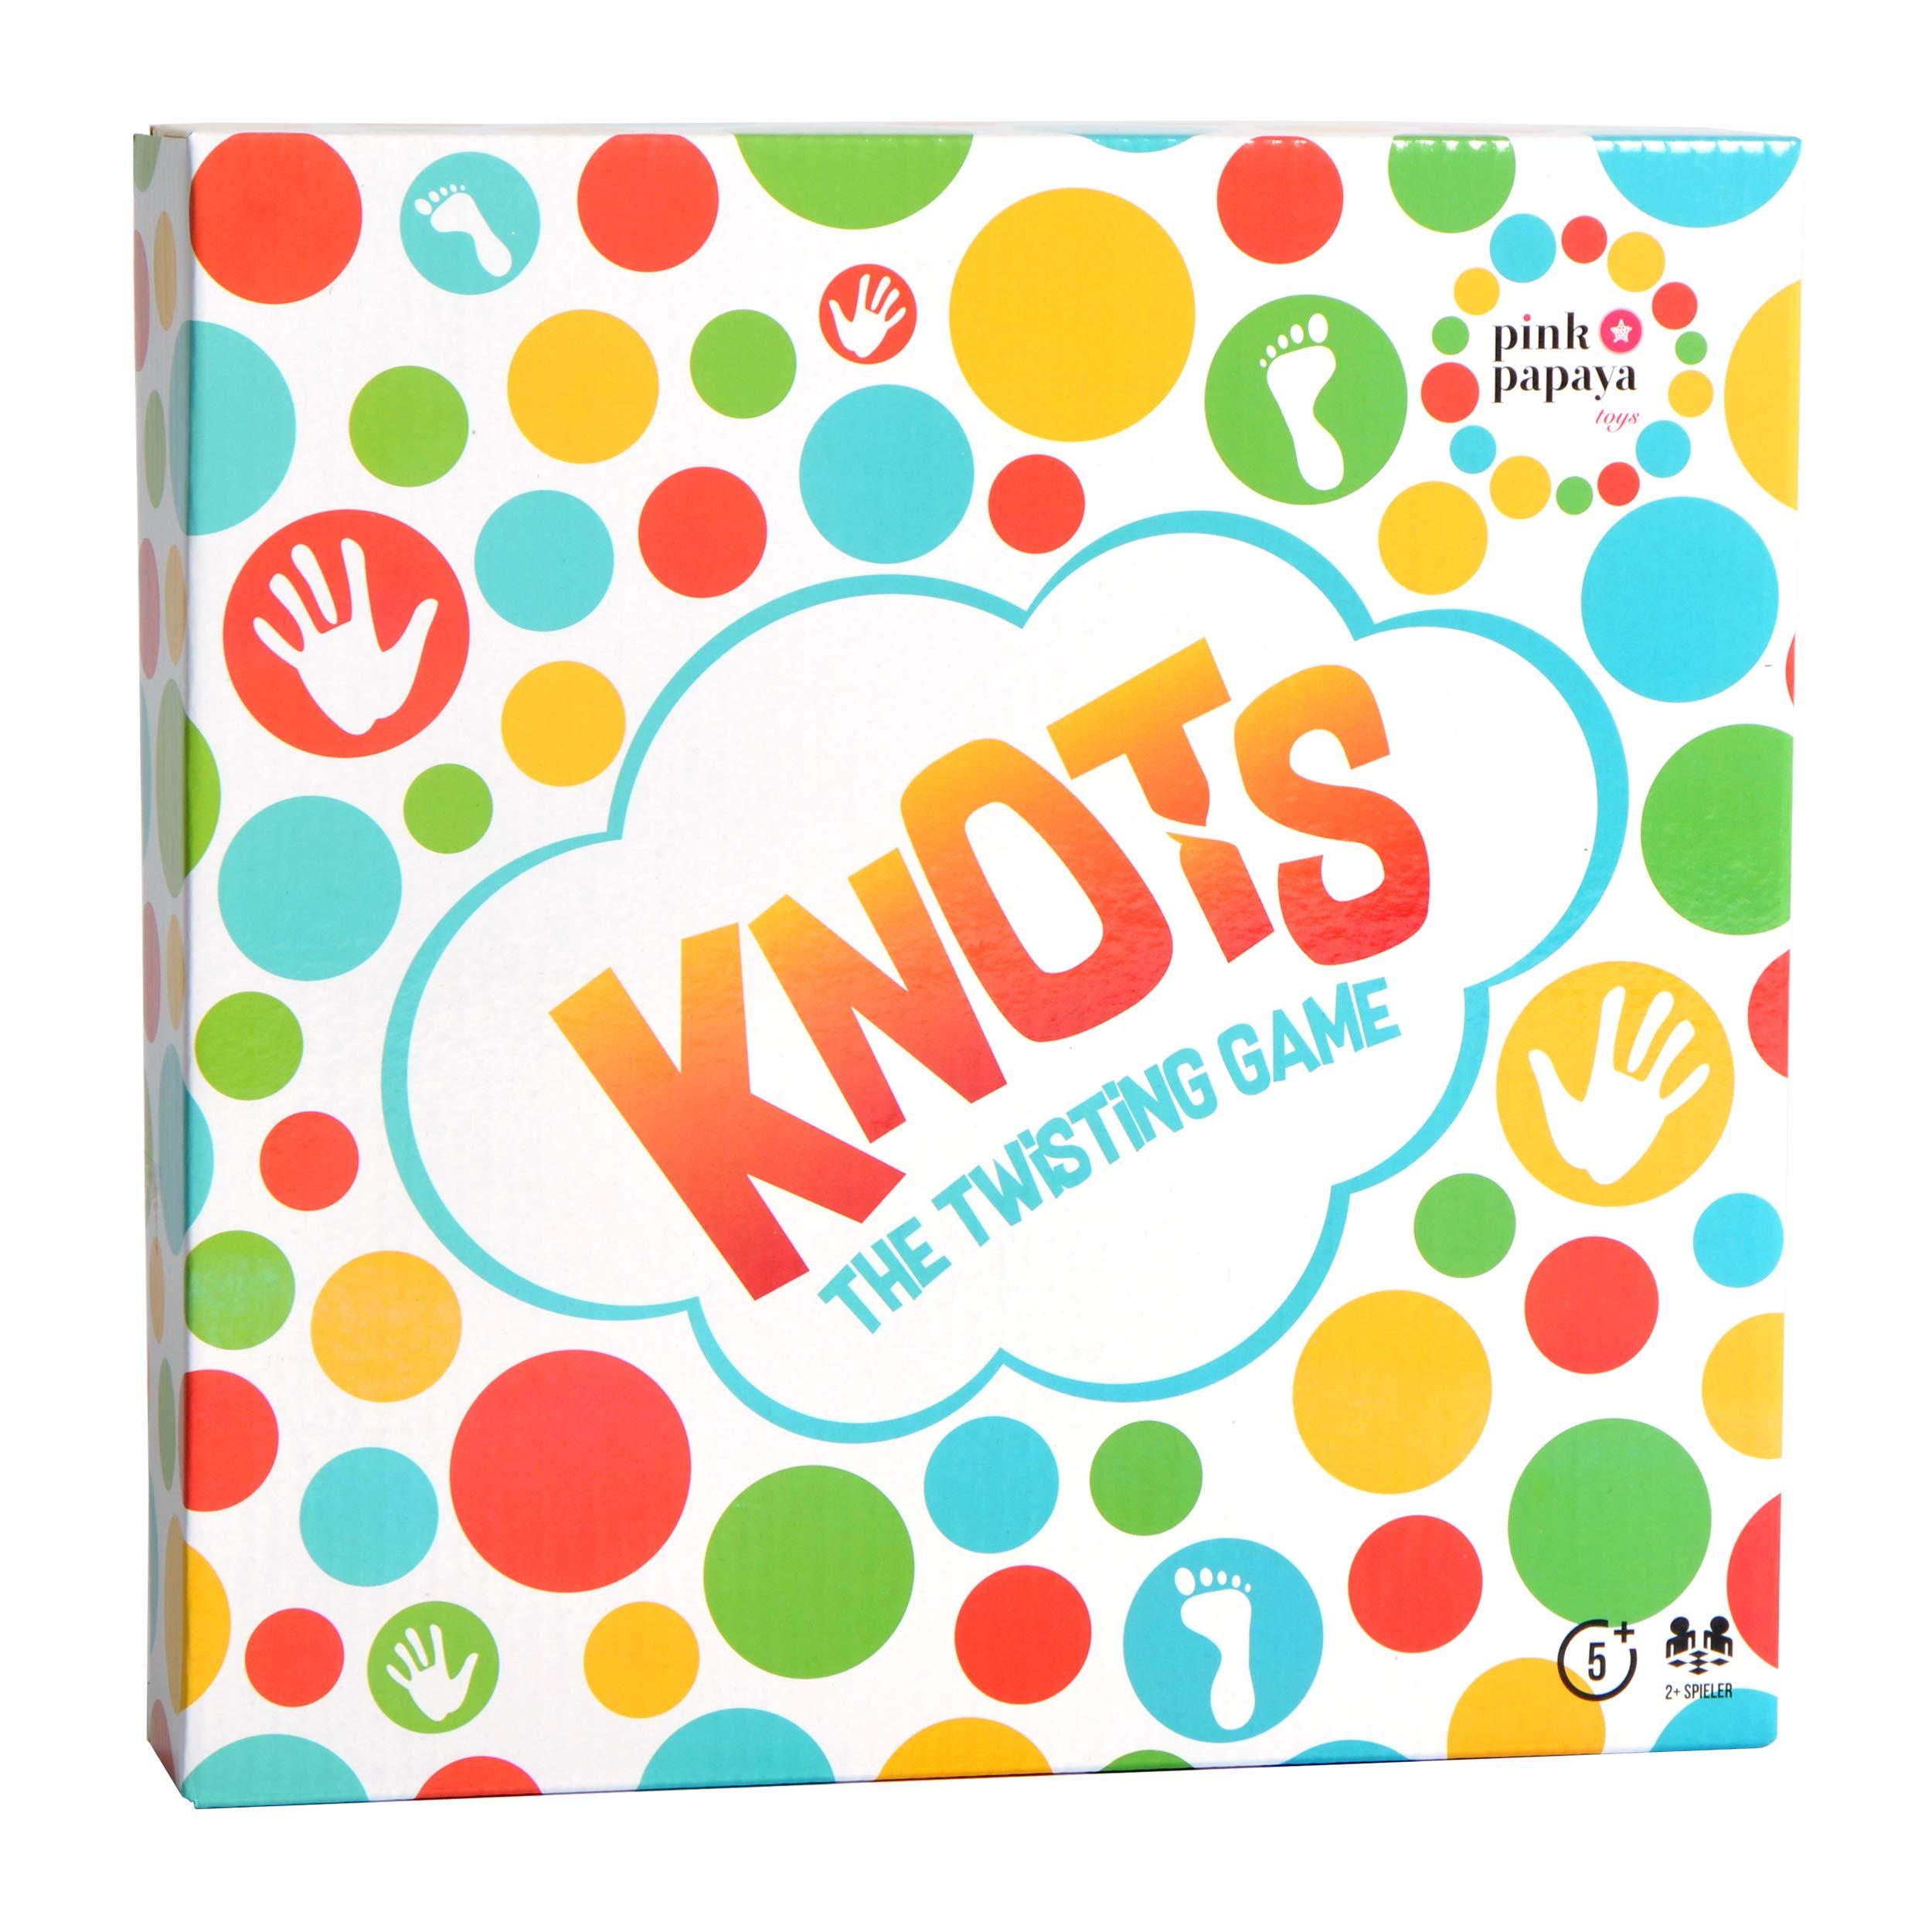 Pink Papaya Juego para Fiestas Knots – Divertido Juego de Enredos Familiar – Juego de Suelo con Tapete de Juego – Juego de Habilidad para Niños y Adultos: Amazon.es: Juguetes y juegos